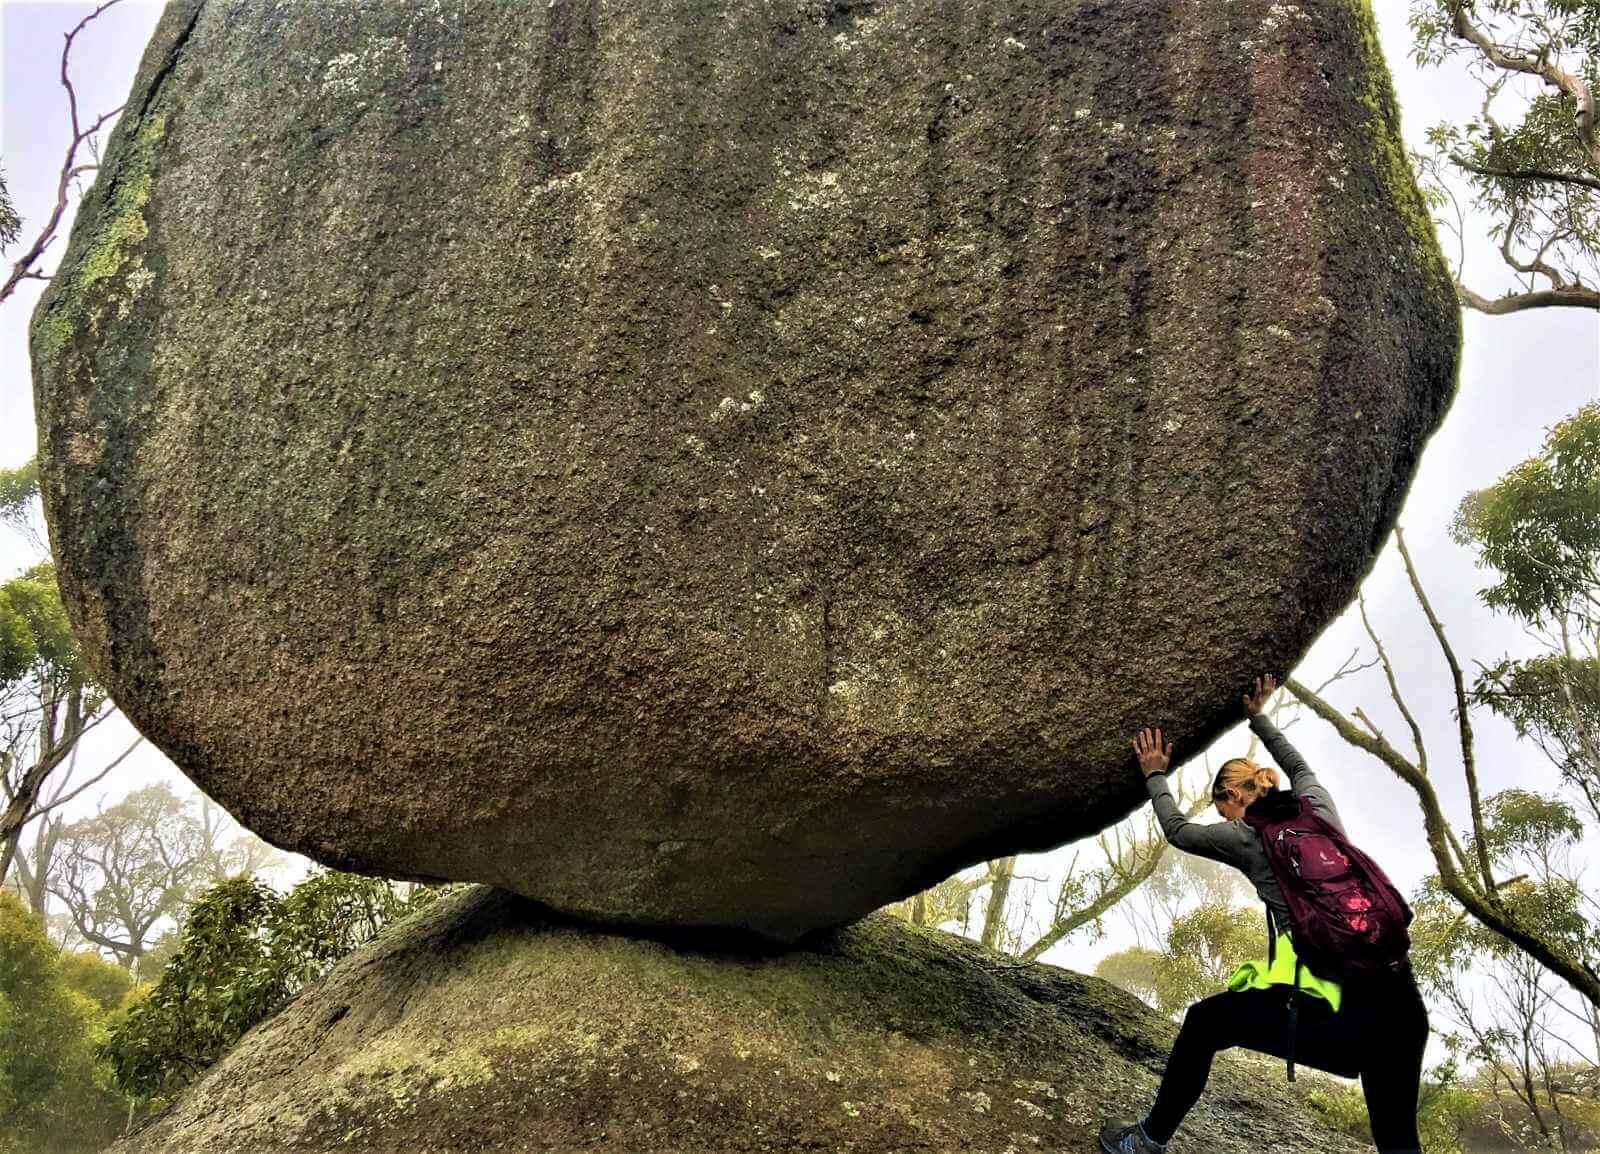 Granitfelsen im Porongurup National Park in Australien